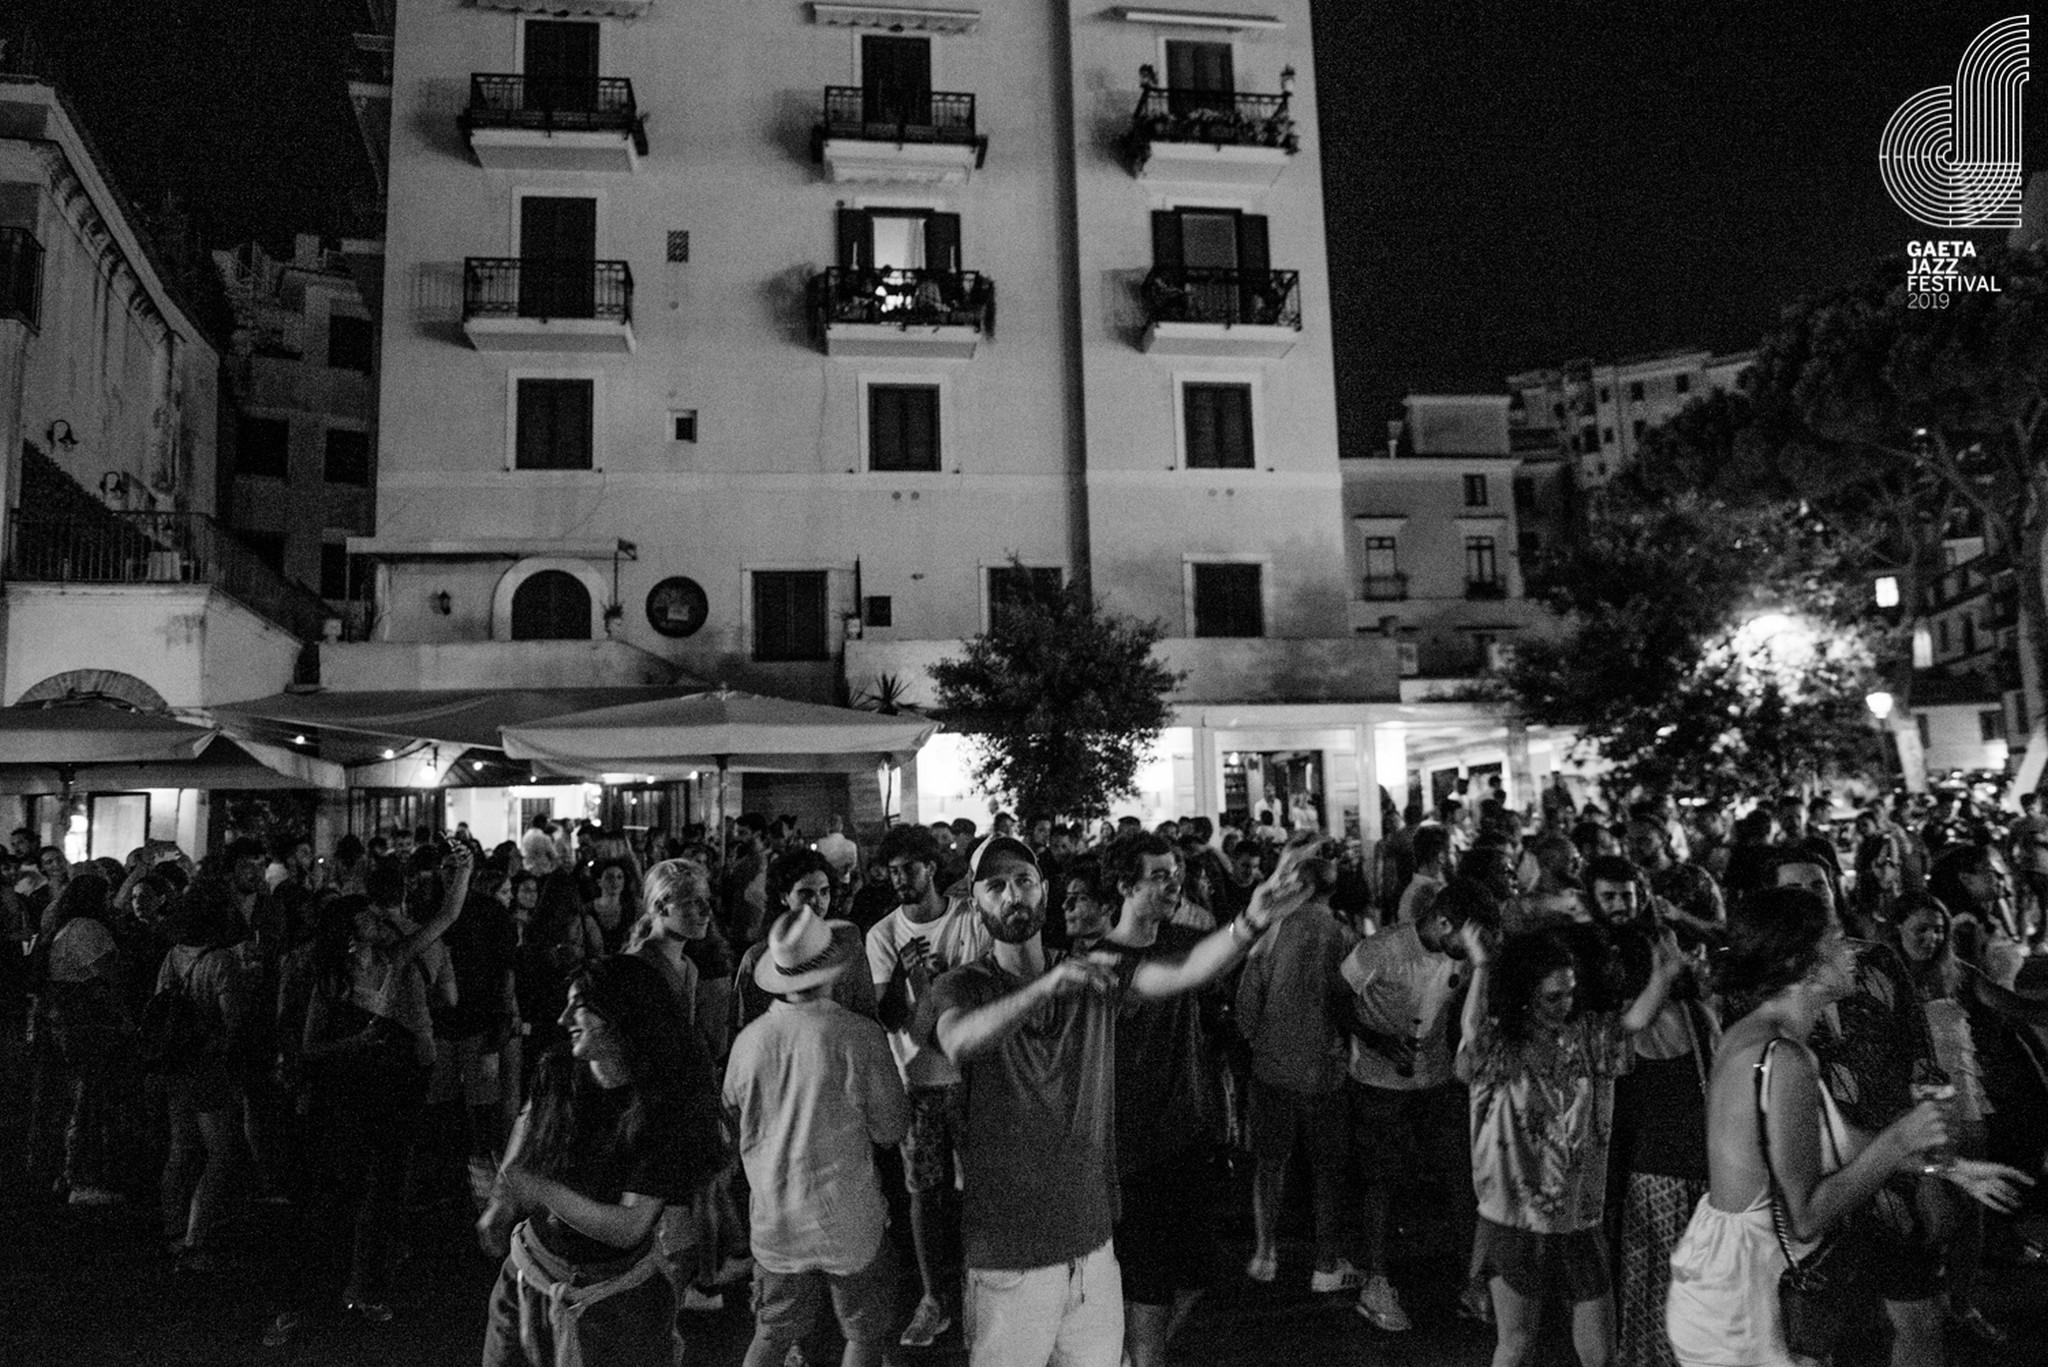 Flavia_Fiengo_Gaeta_Jazz_Festival_live_2019__00076